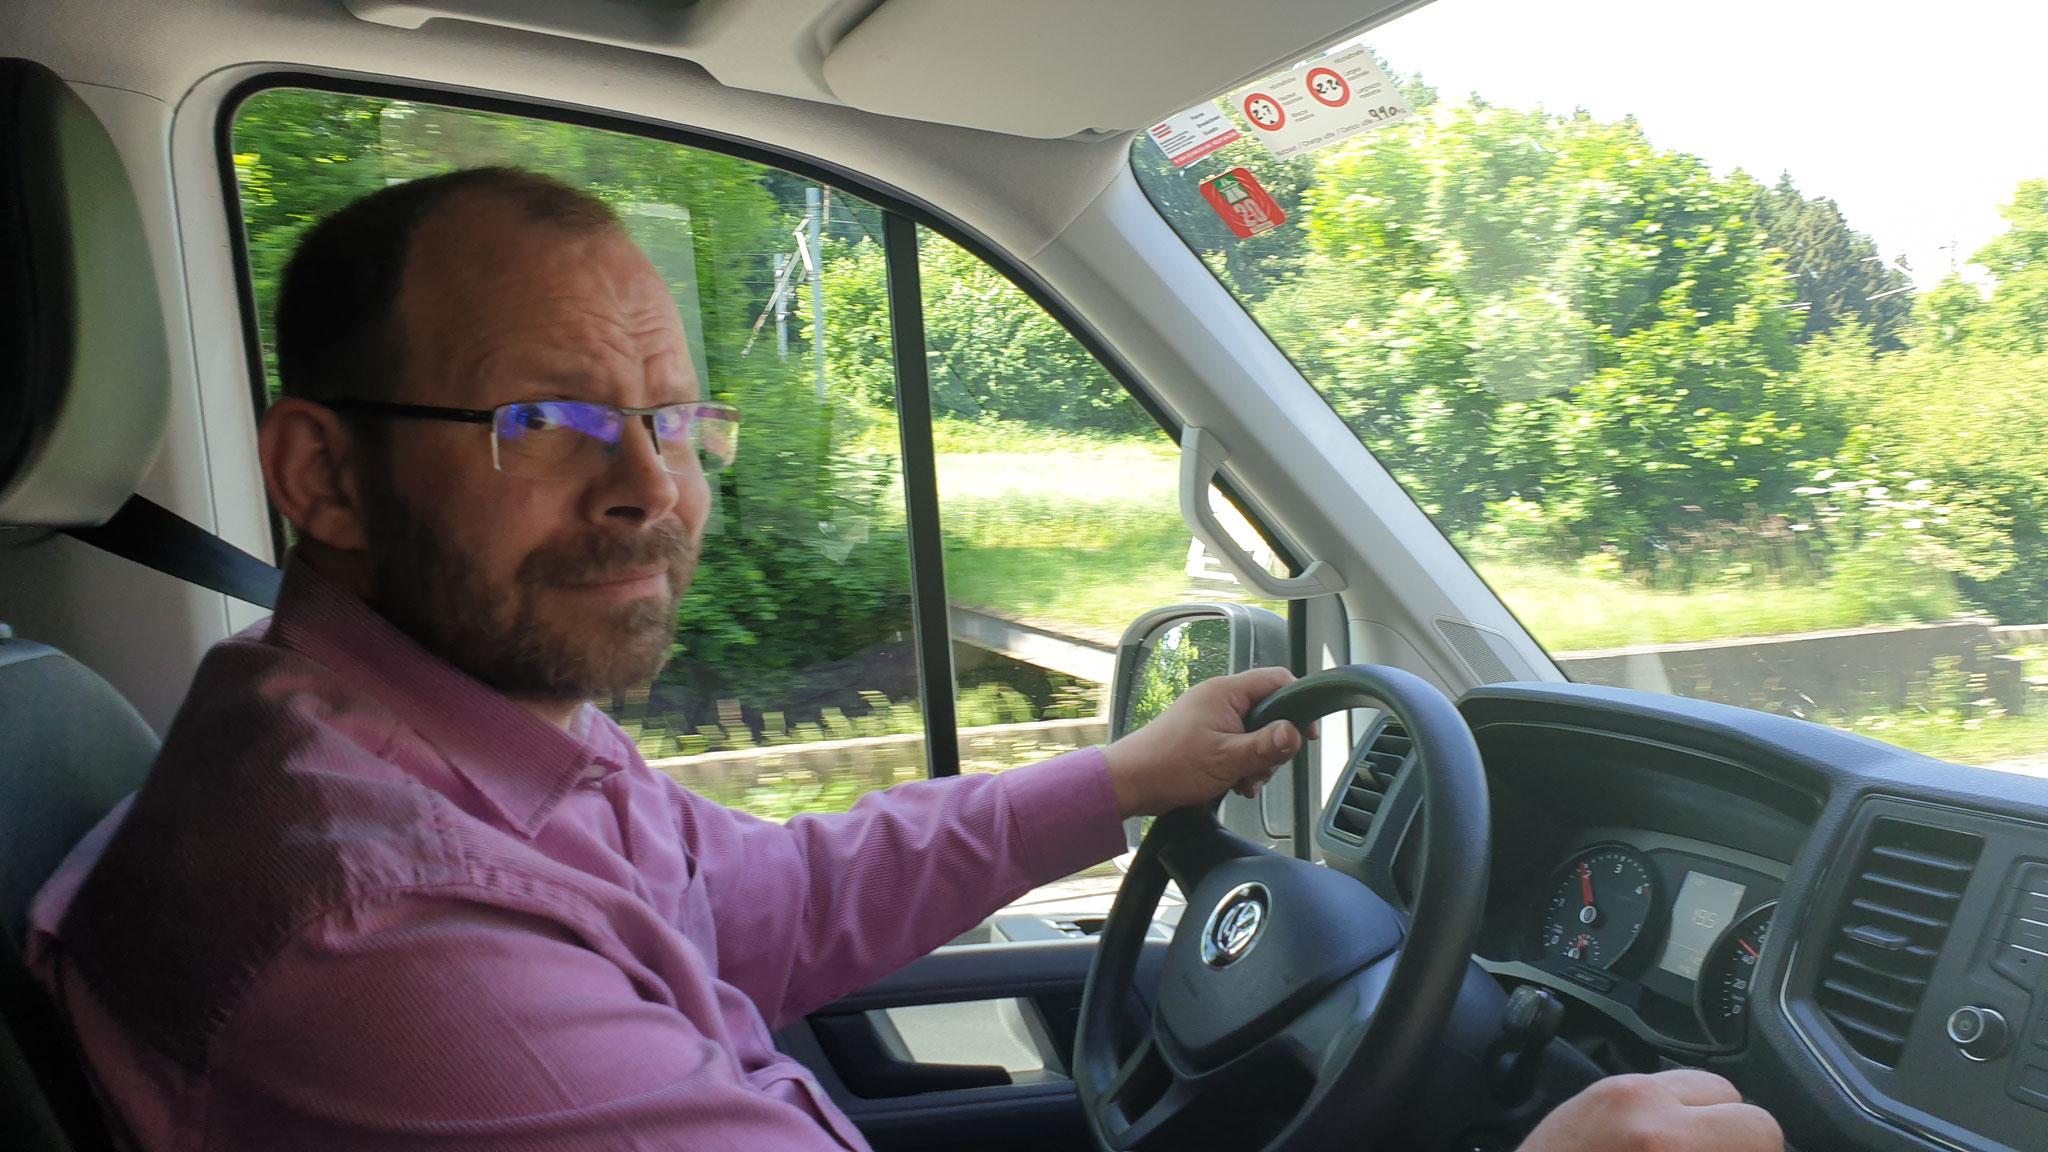 ... ohje - kein Fahrzeug, das Daniel Spass macht beim Fahren :(